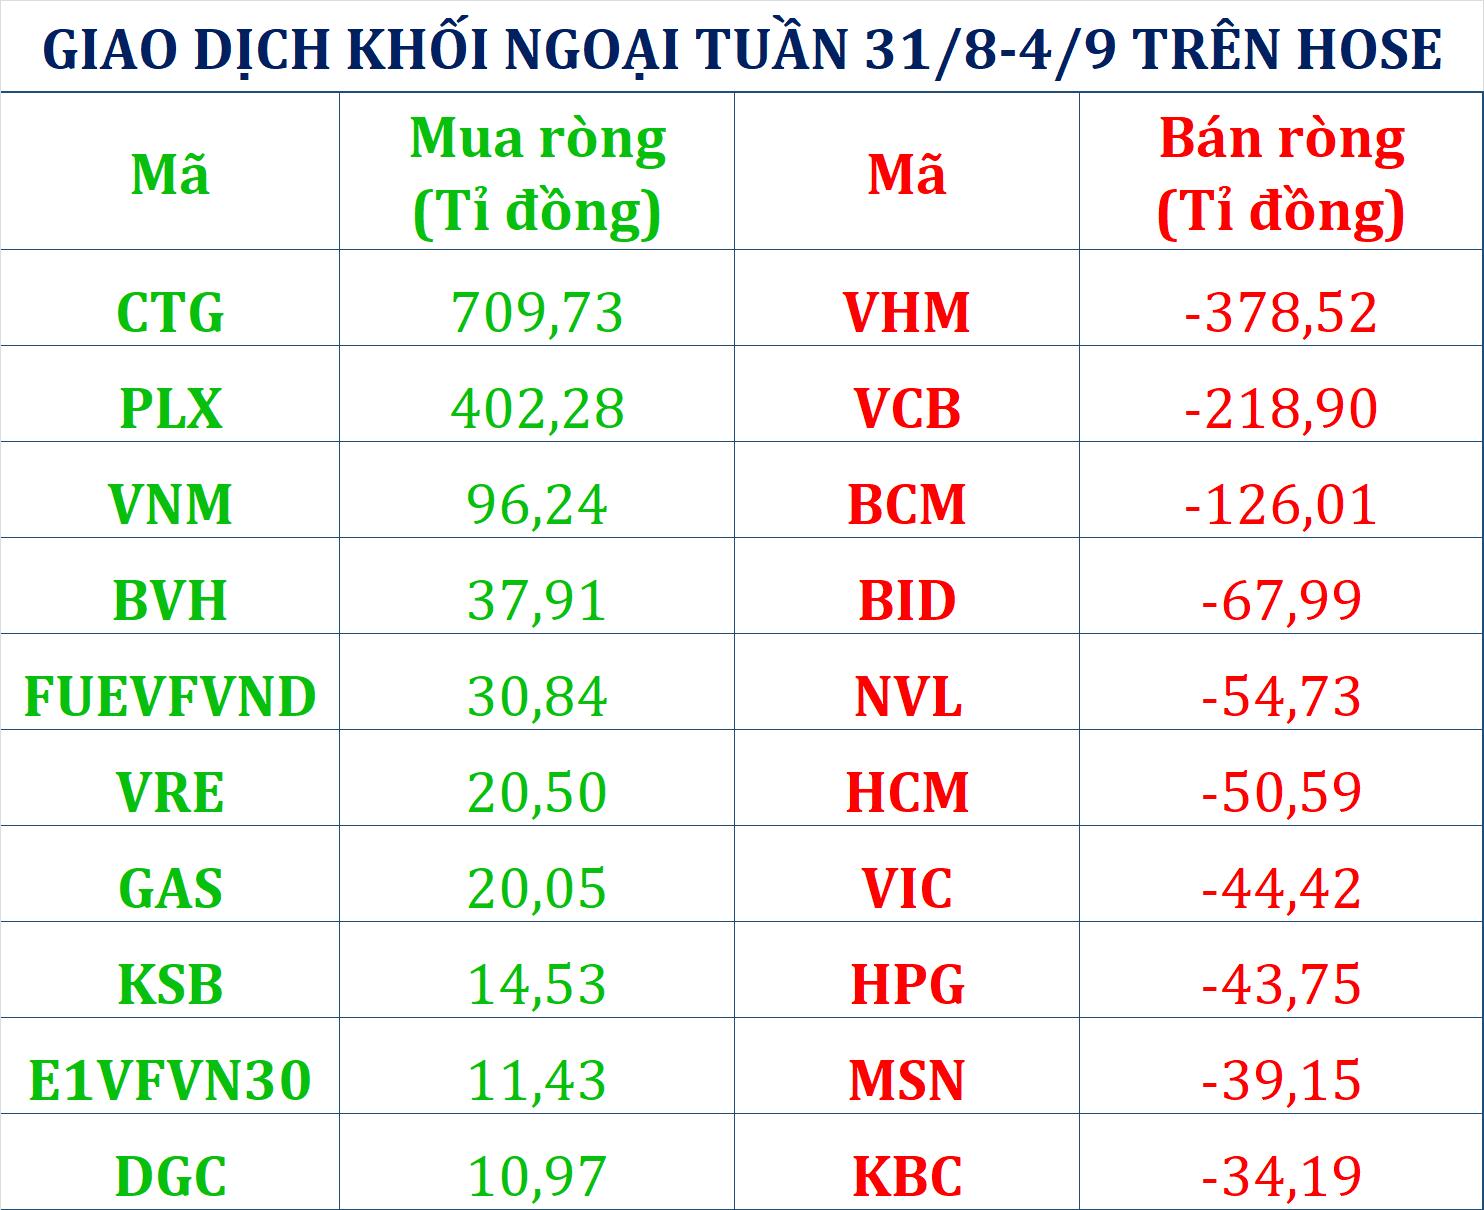 Tuần 31/8 - 4/9: Khối ngoại giảm mạnh bán ròng, CTG và PLX hút vốn nghìn tỉ  - Ảnh 1.